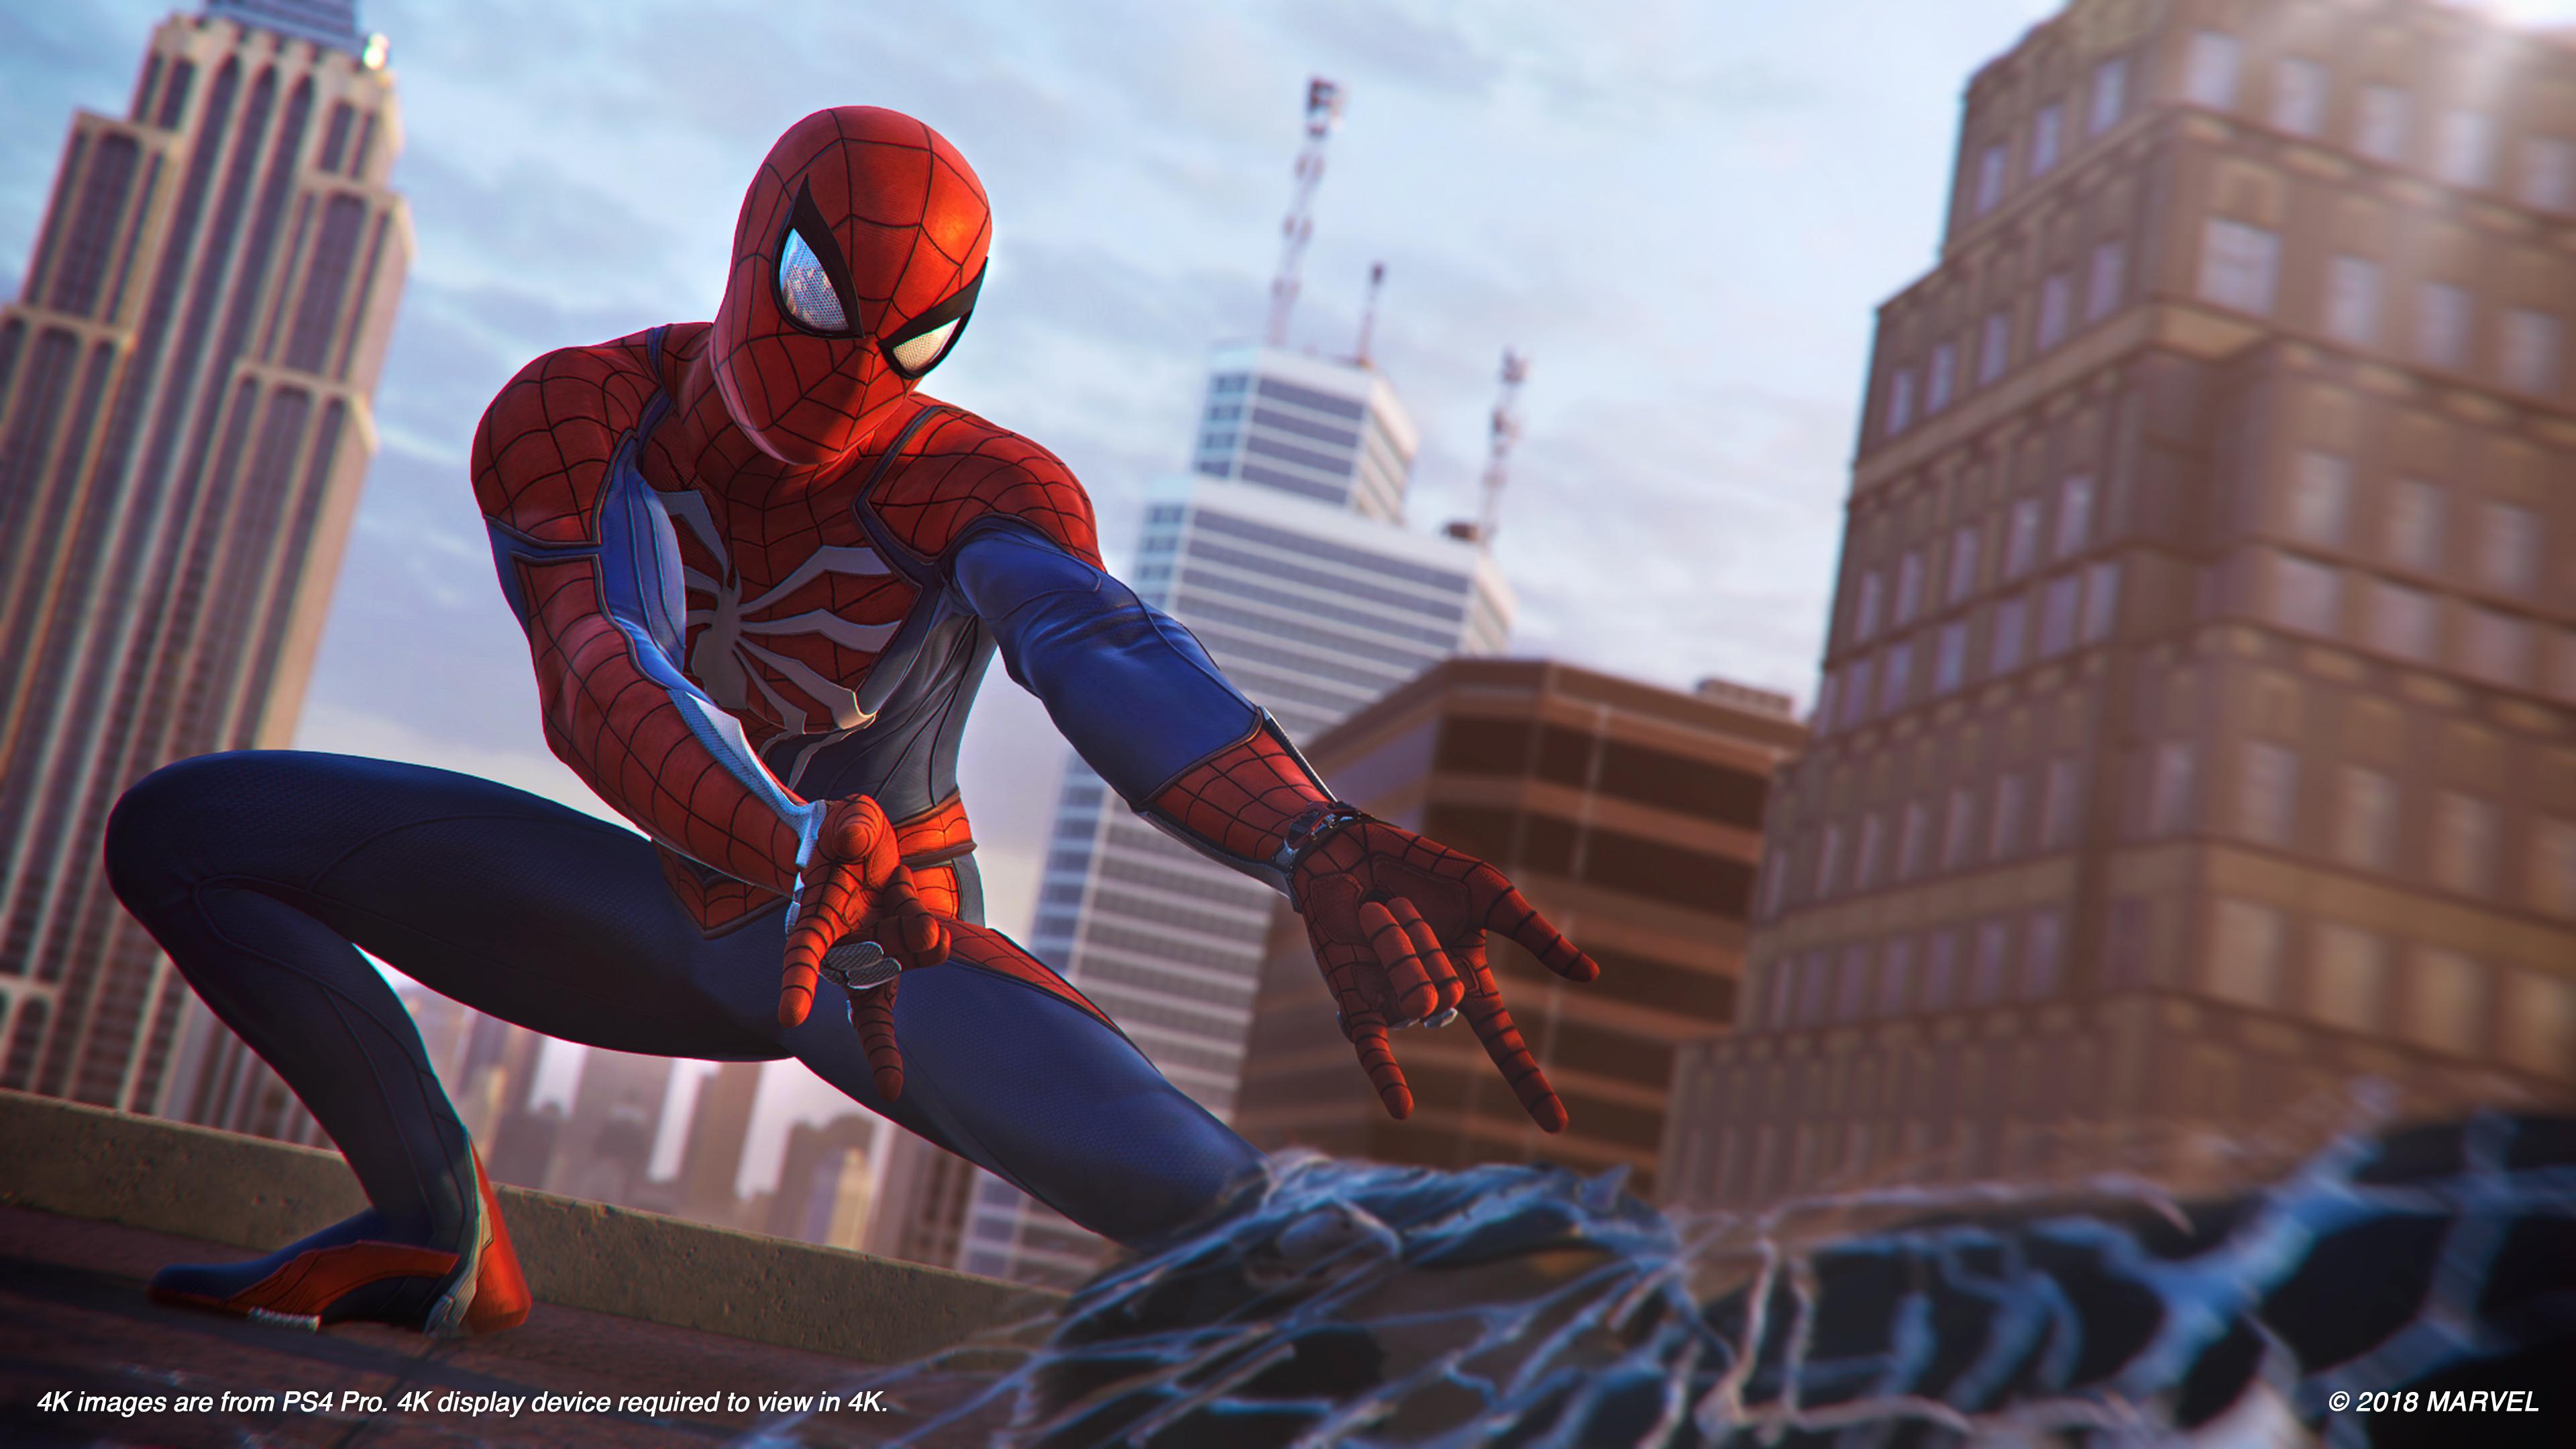 el-nuevo-spider-man-de-insomniac-tendra-al-menos-unas-20-horas-de-duracion-frikigamers.com